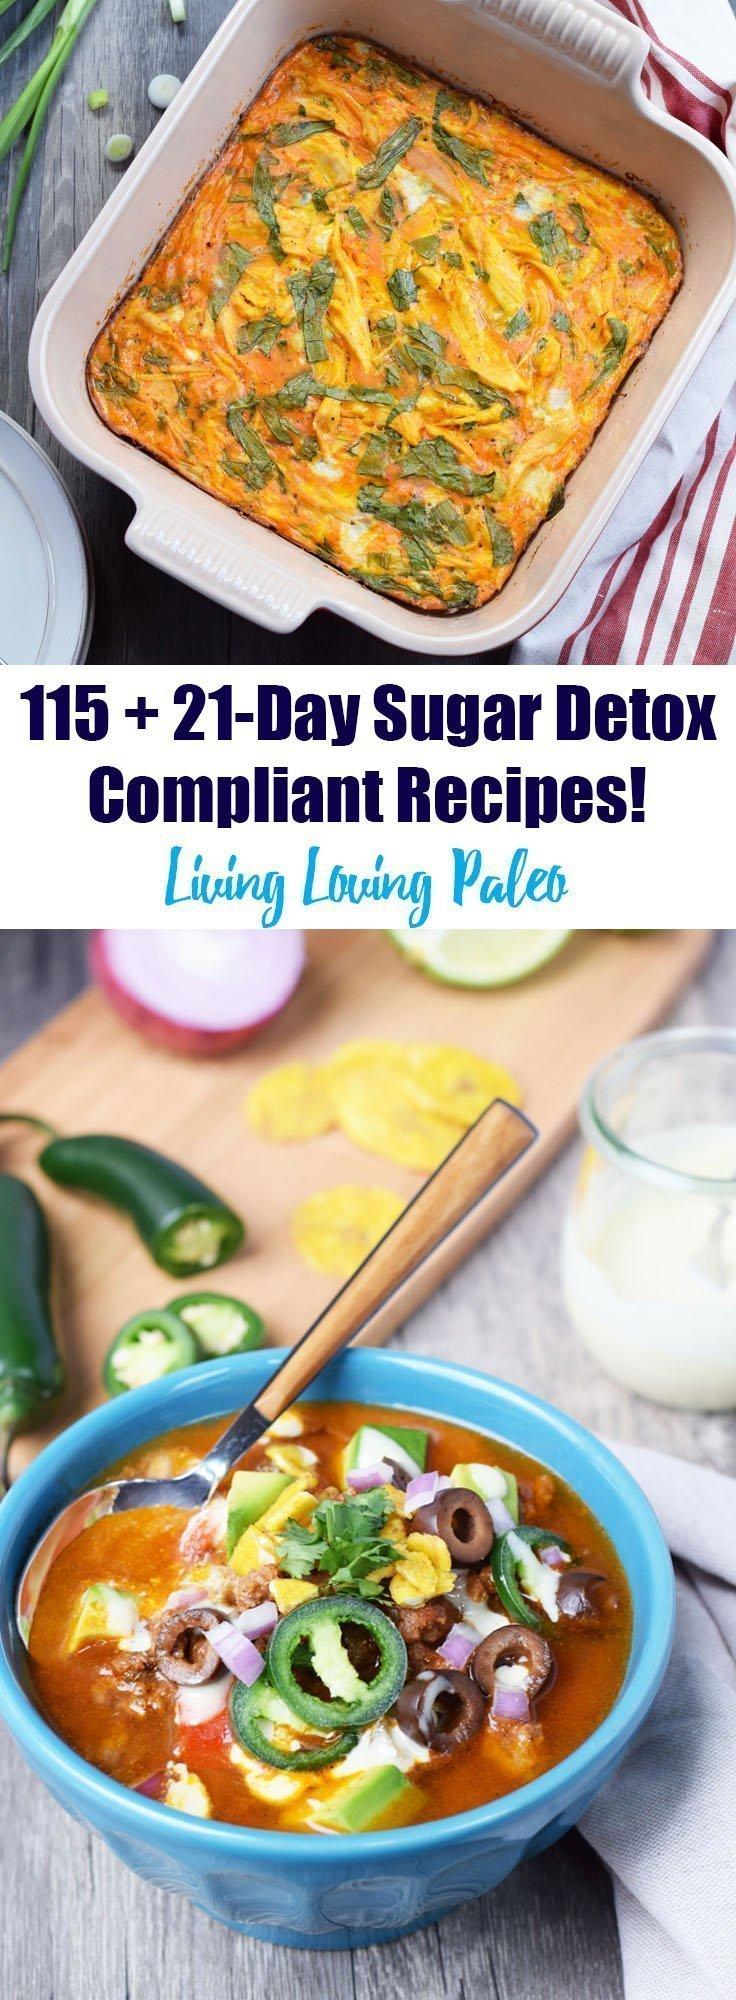 21-Day Sugar Detox Recipe Roundup